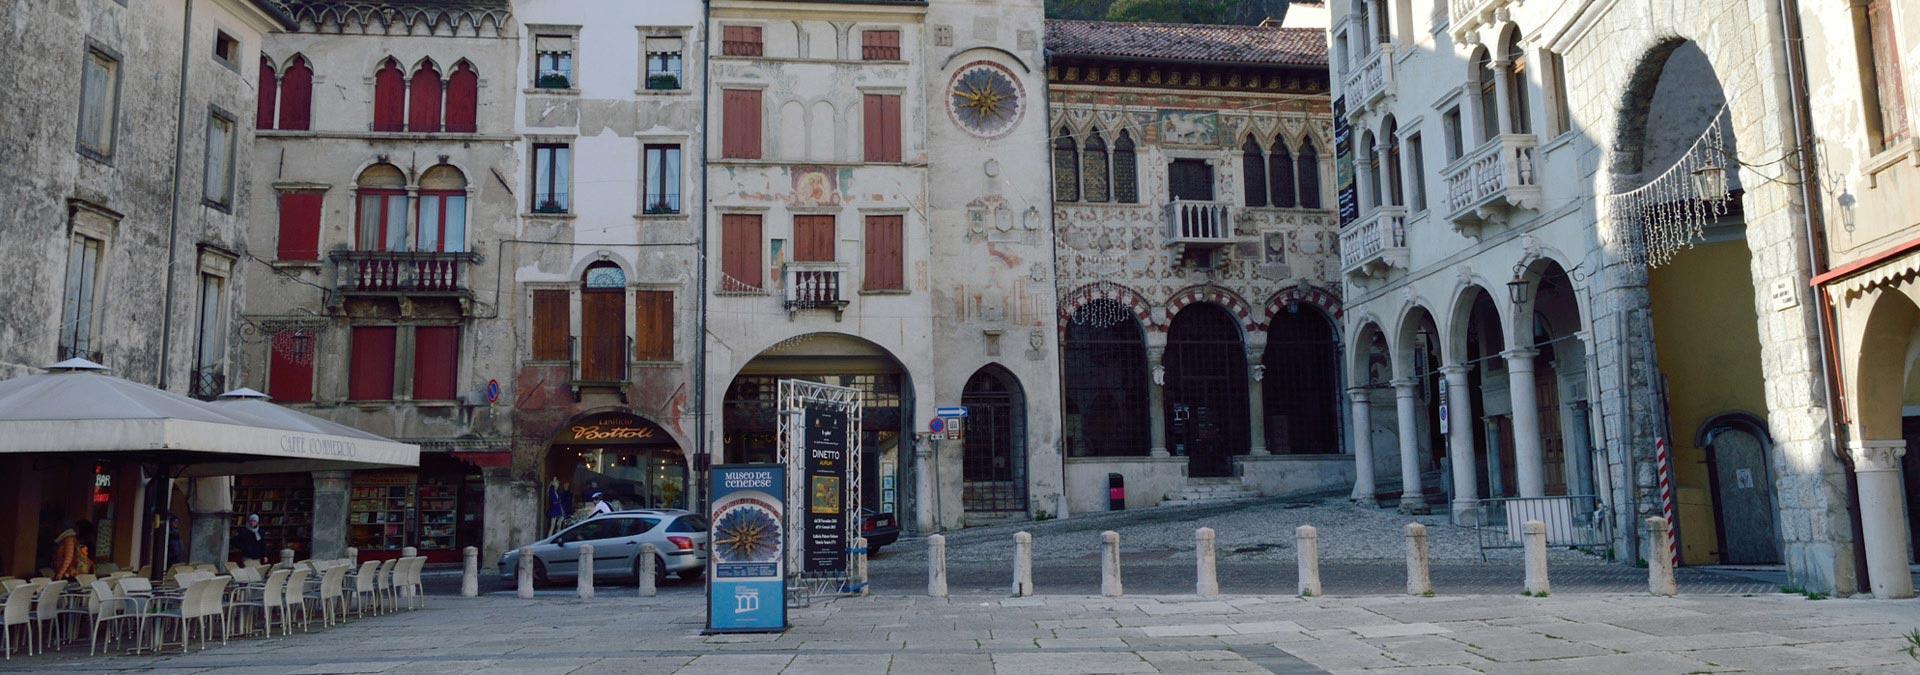 Palazzi di Serravalle